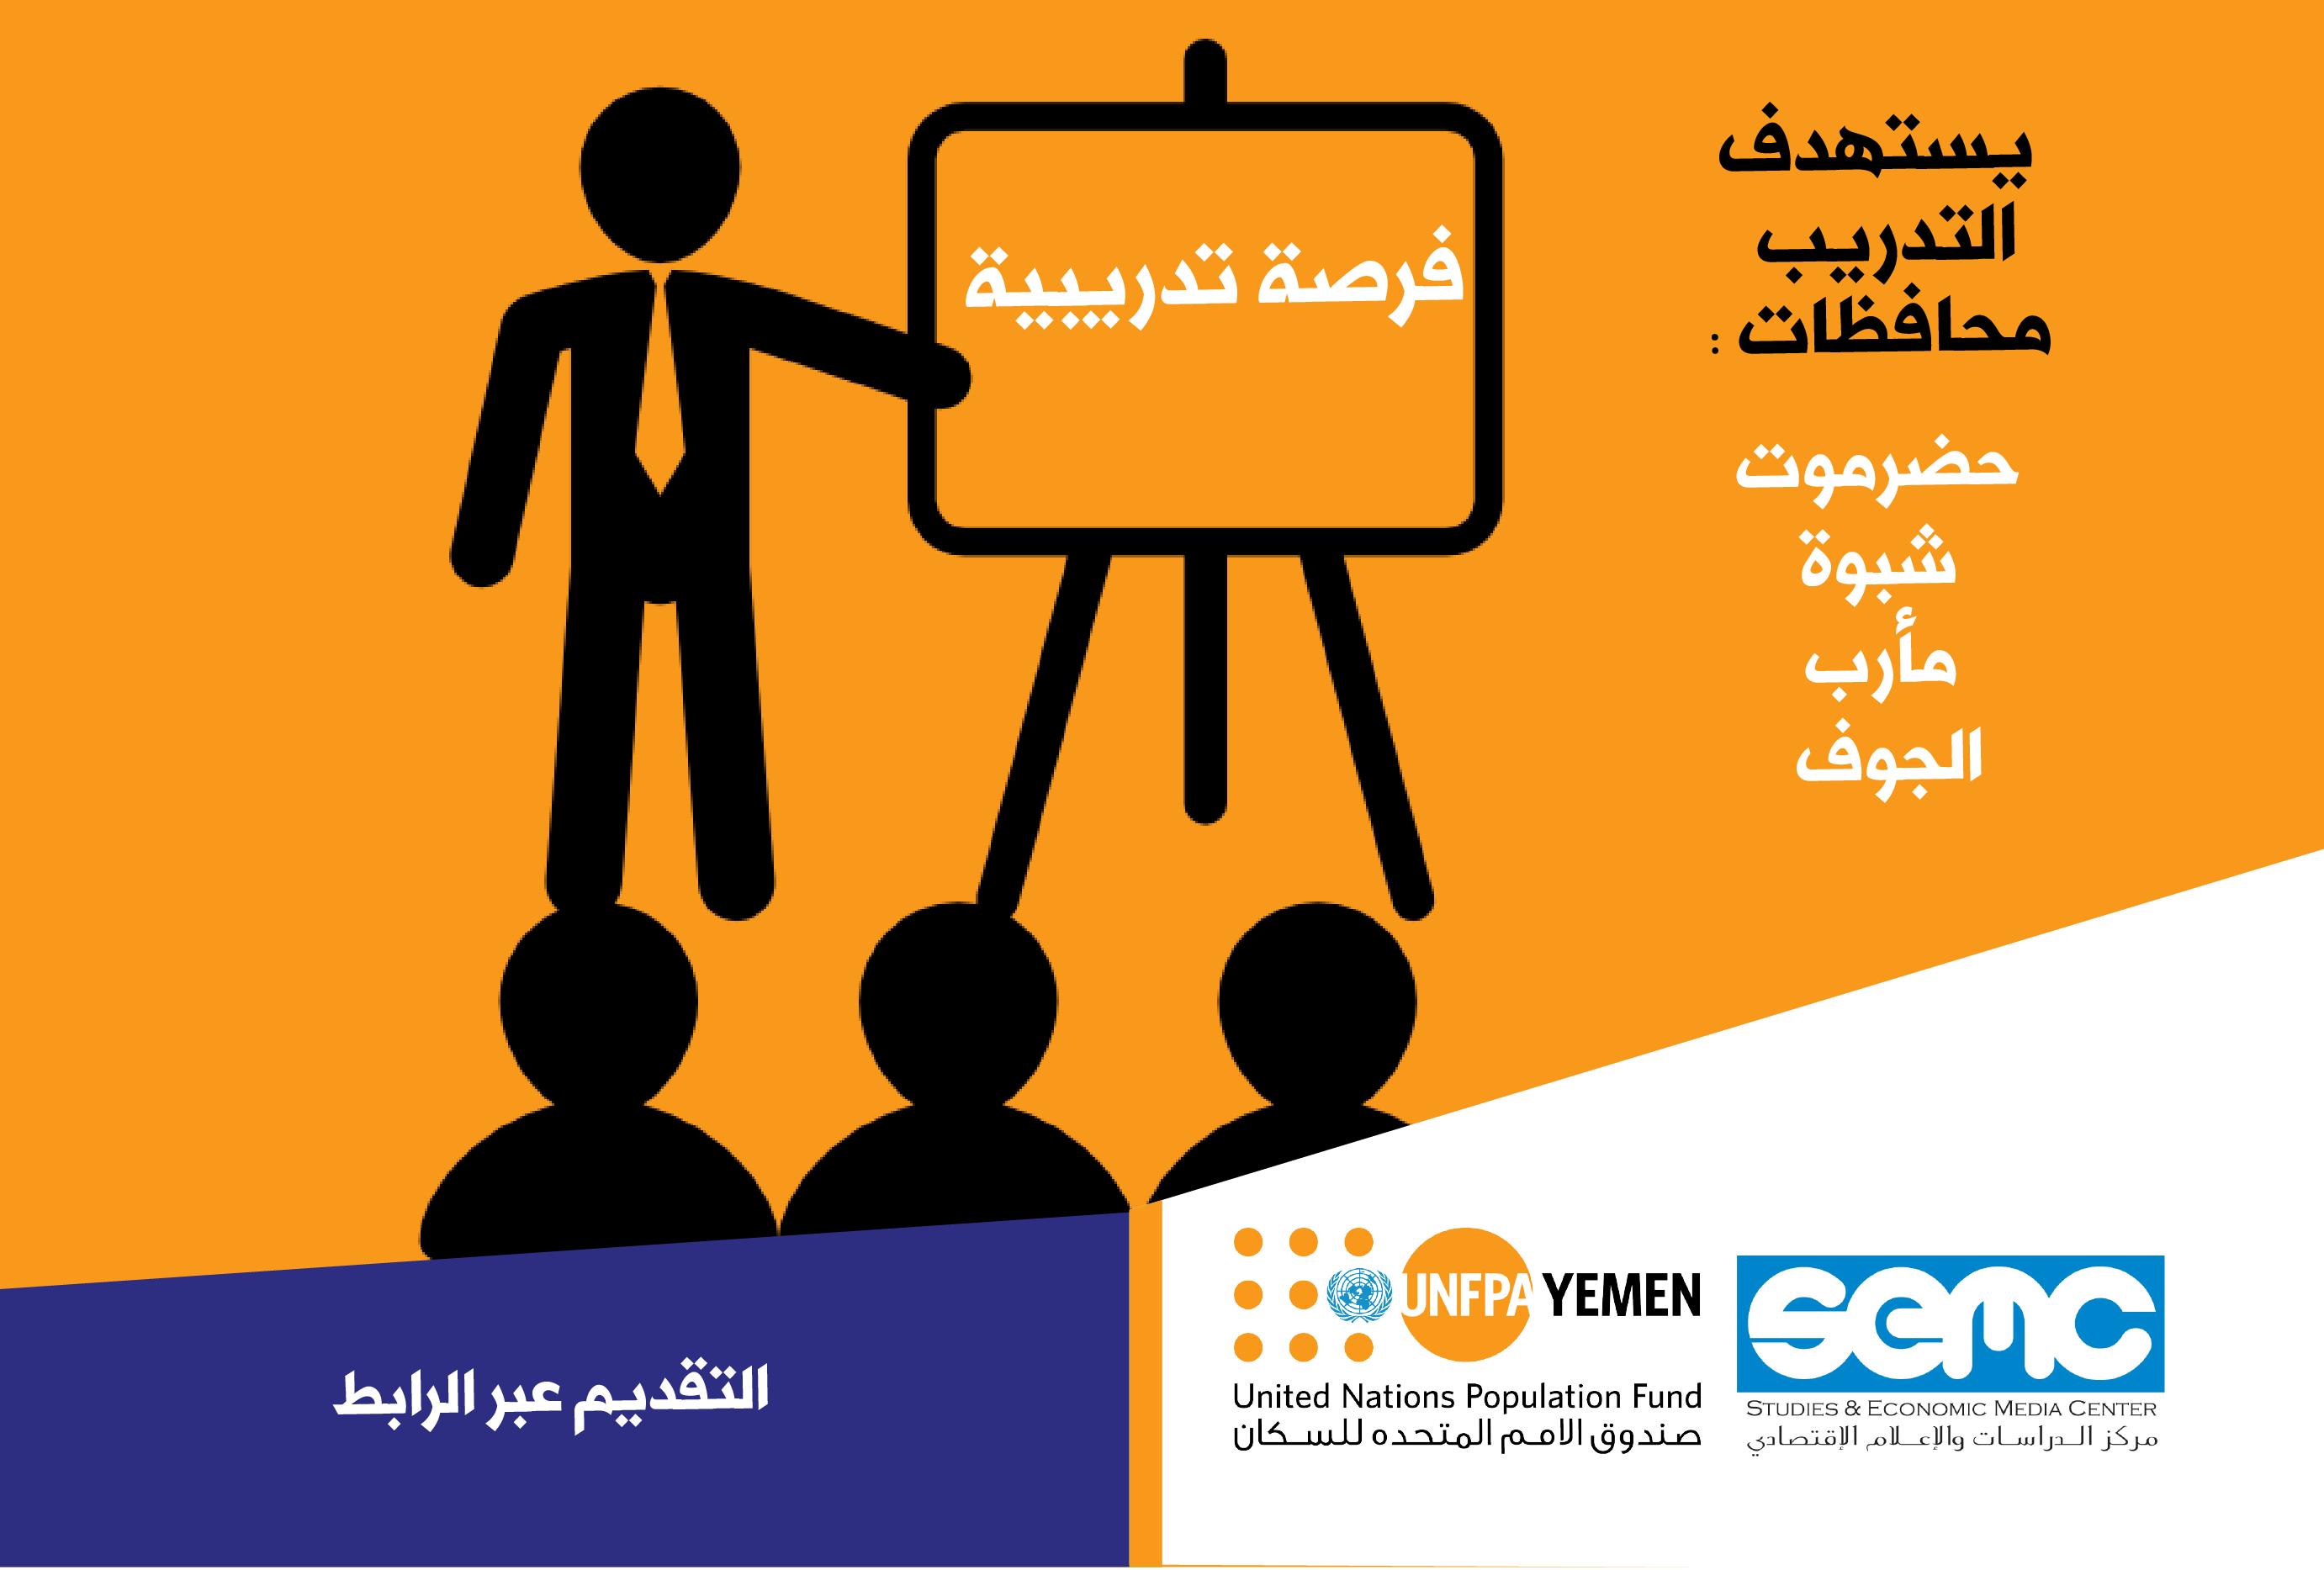 دورة تدريبية حول كتابة القصة الانسانية في محافظة حضرموت  ، و شبوة ،ومارب، والجوف